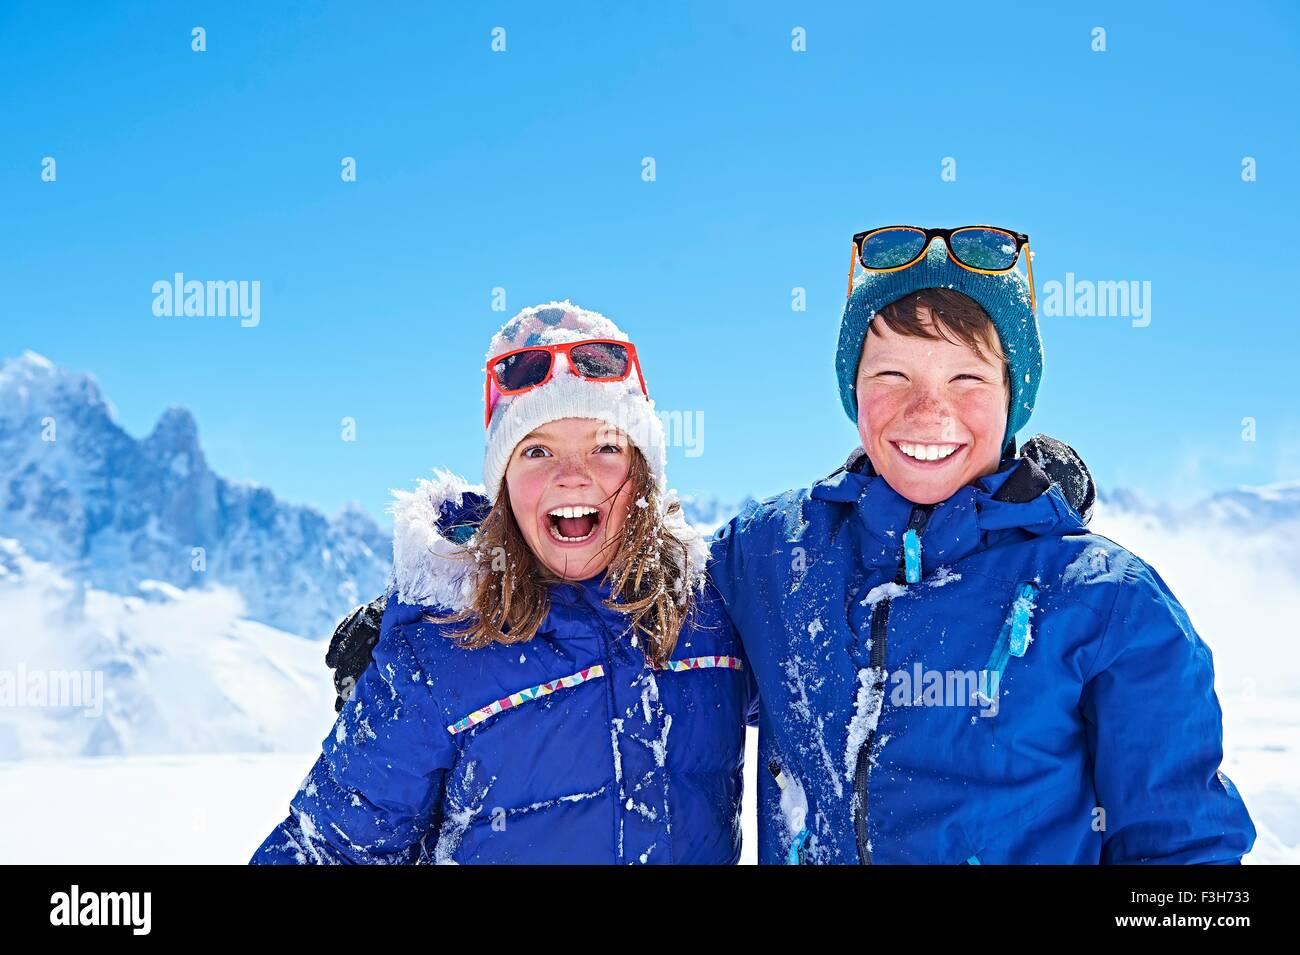 Fratelli in abbigliamento invernale, Chamonix, Francia Immagini Stock